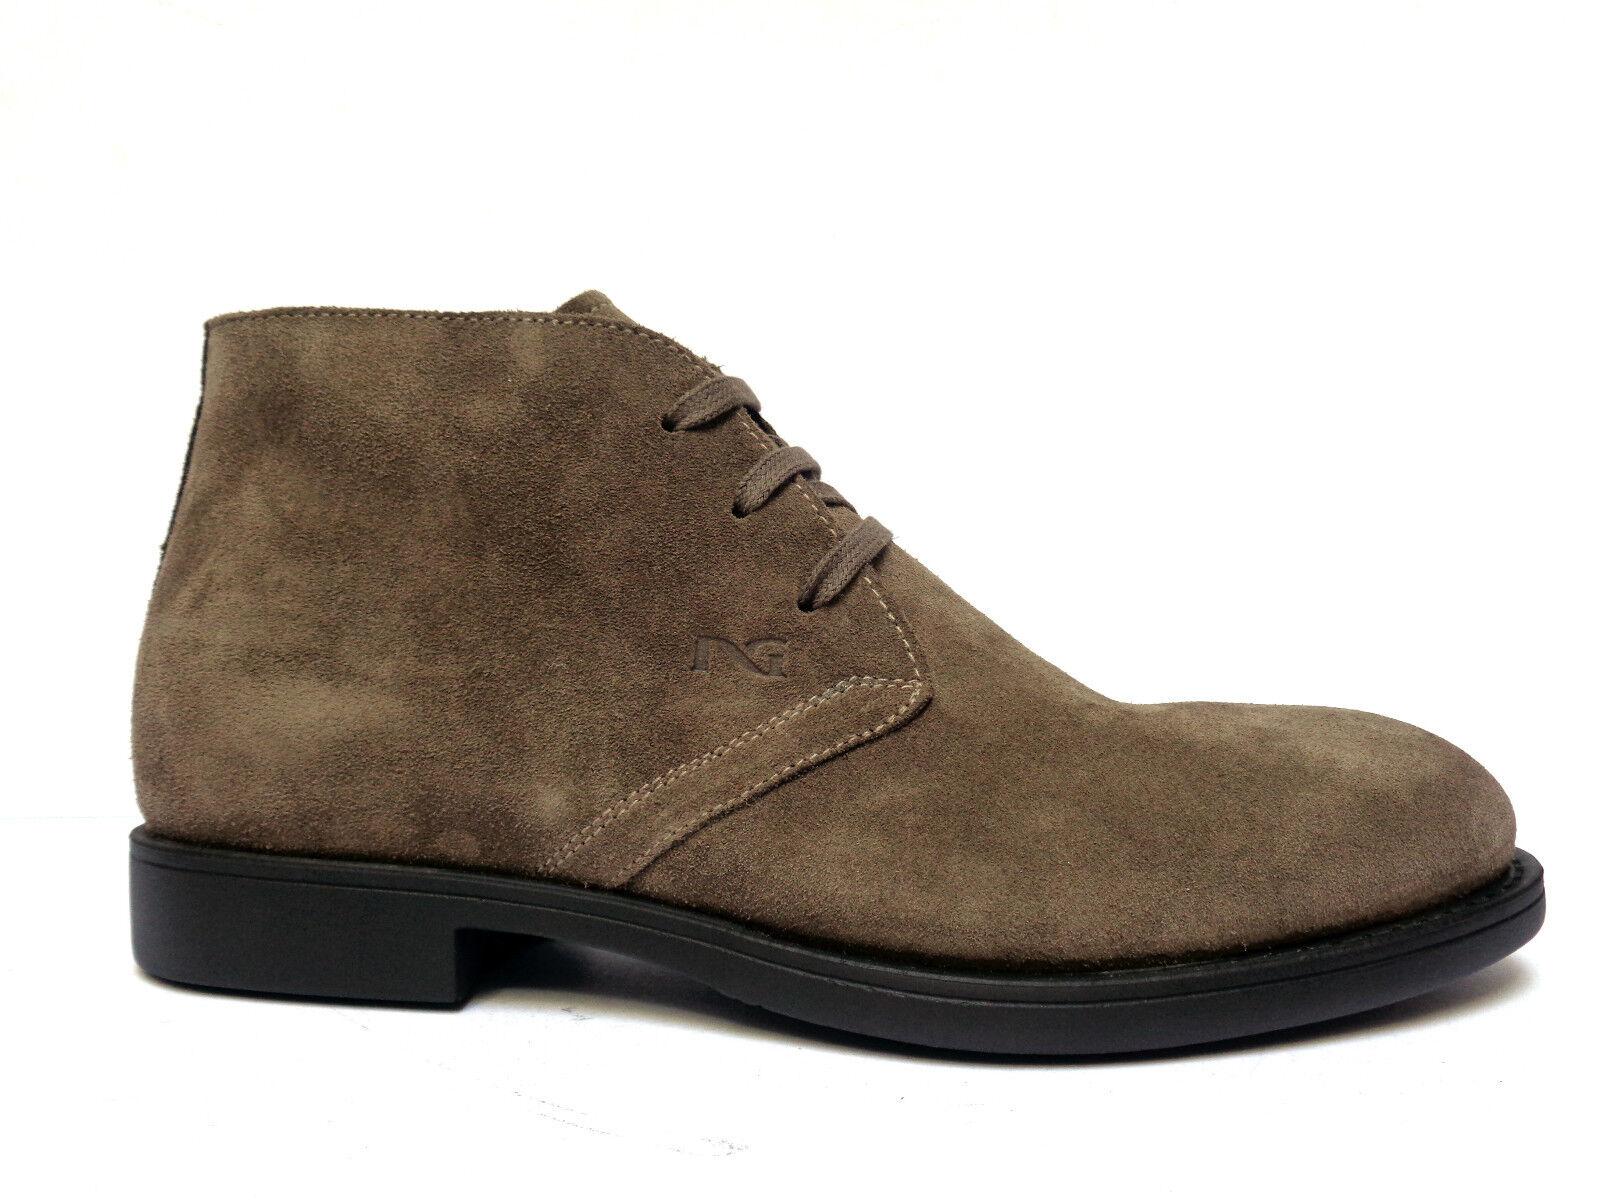 Herrenschuhe schwarz Giardini A604393 Schuhe Casual Men aus Wildleder Far. Peat